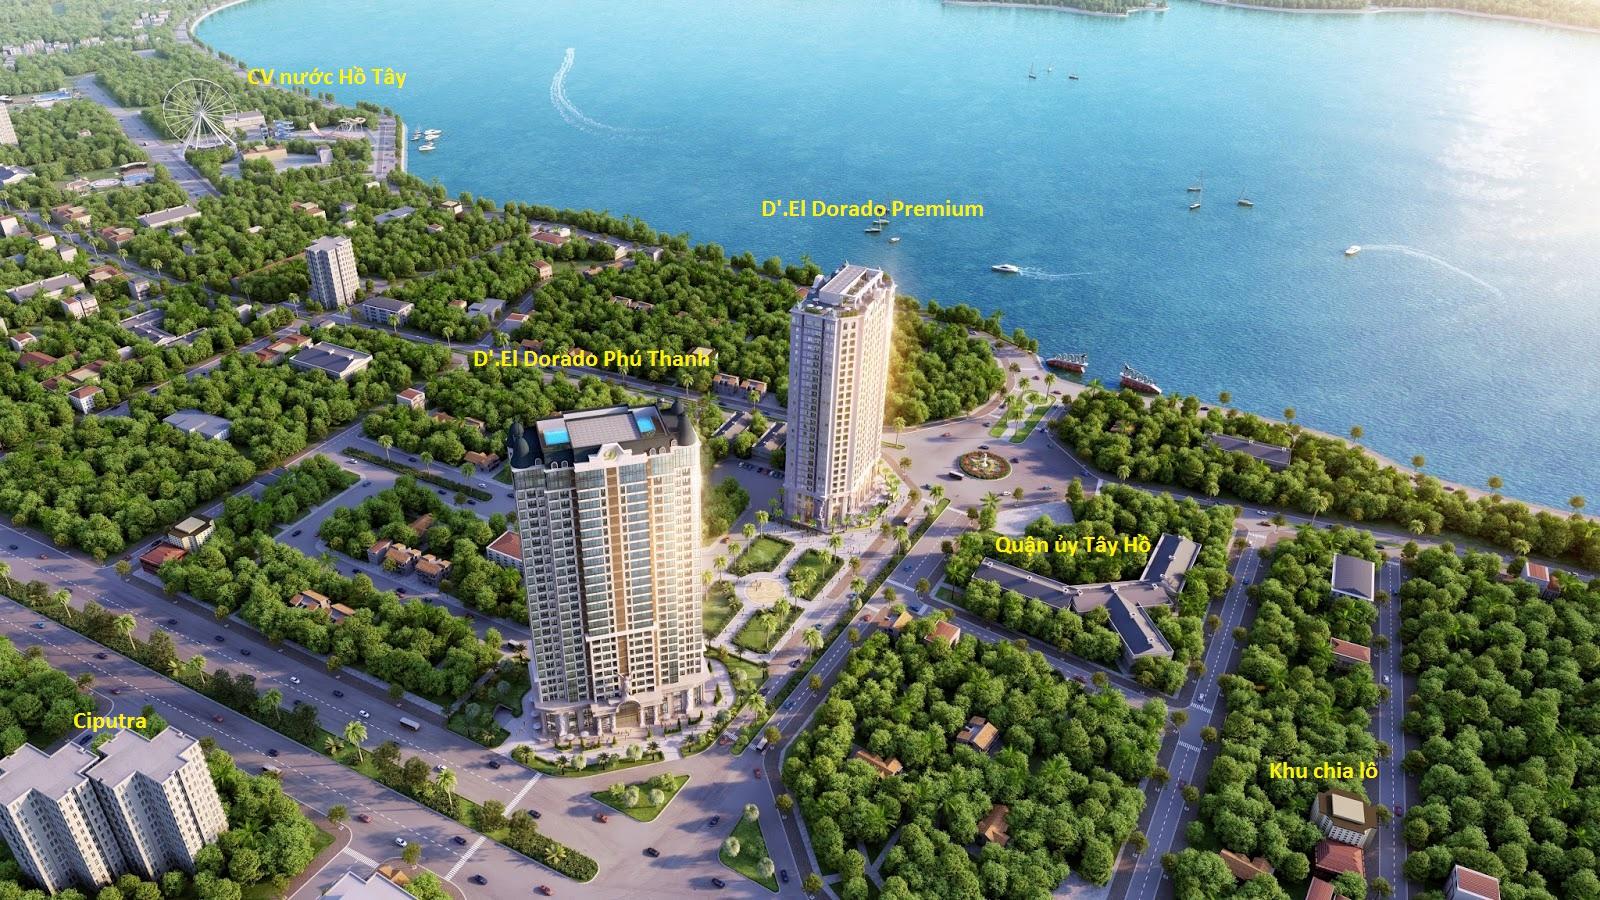 Dự án D'.el Dorado Phú Thanh Võ Chí Công